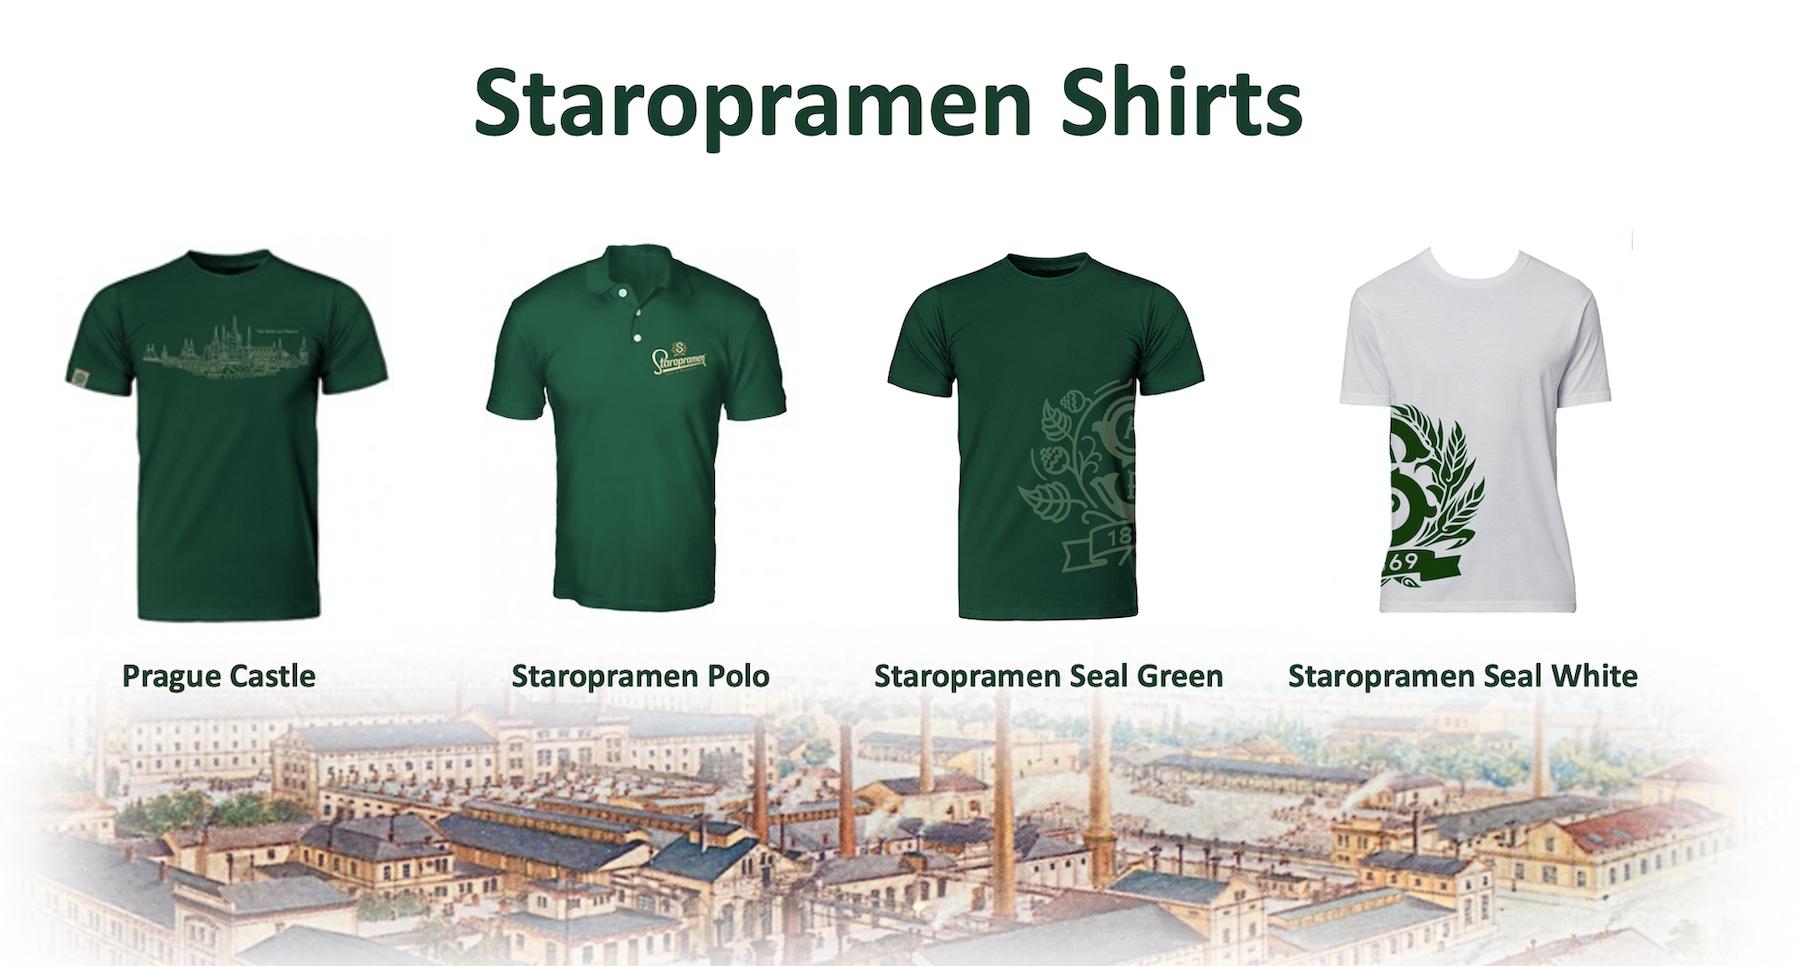 Staropramen Shirts